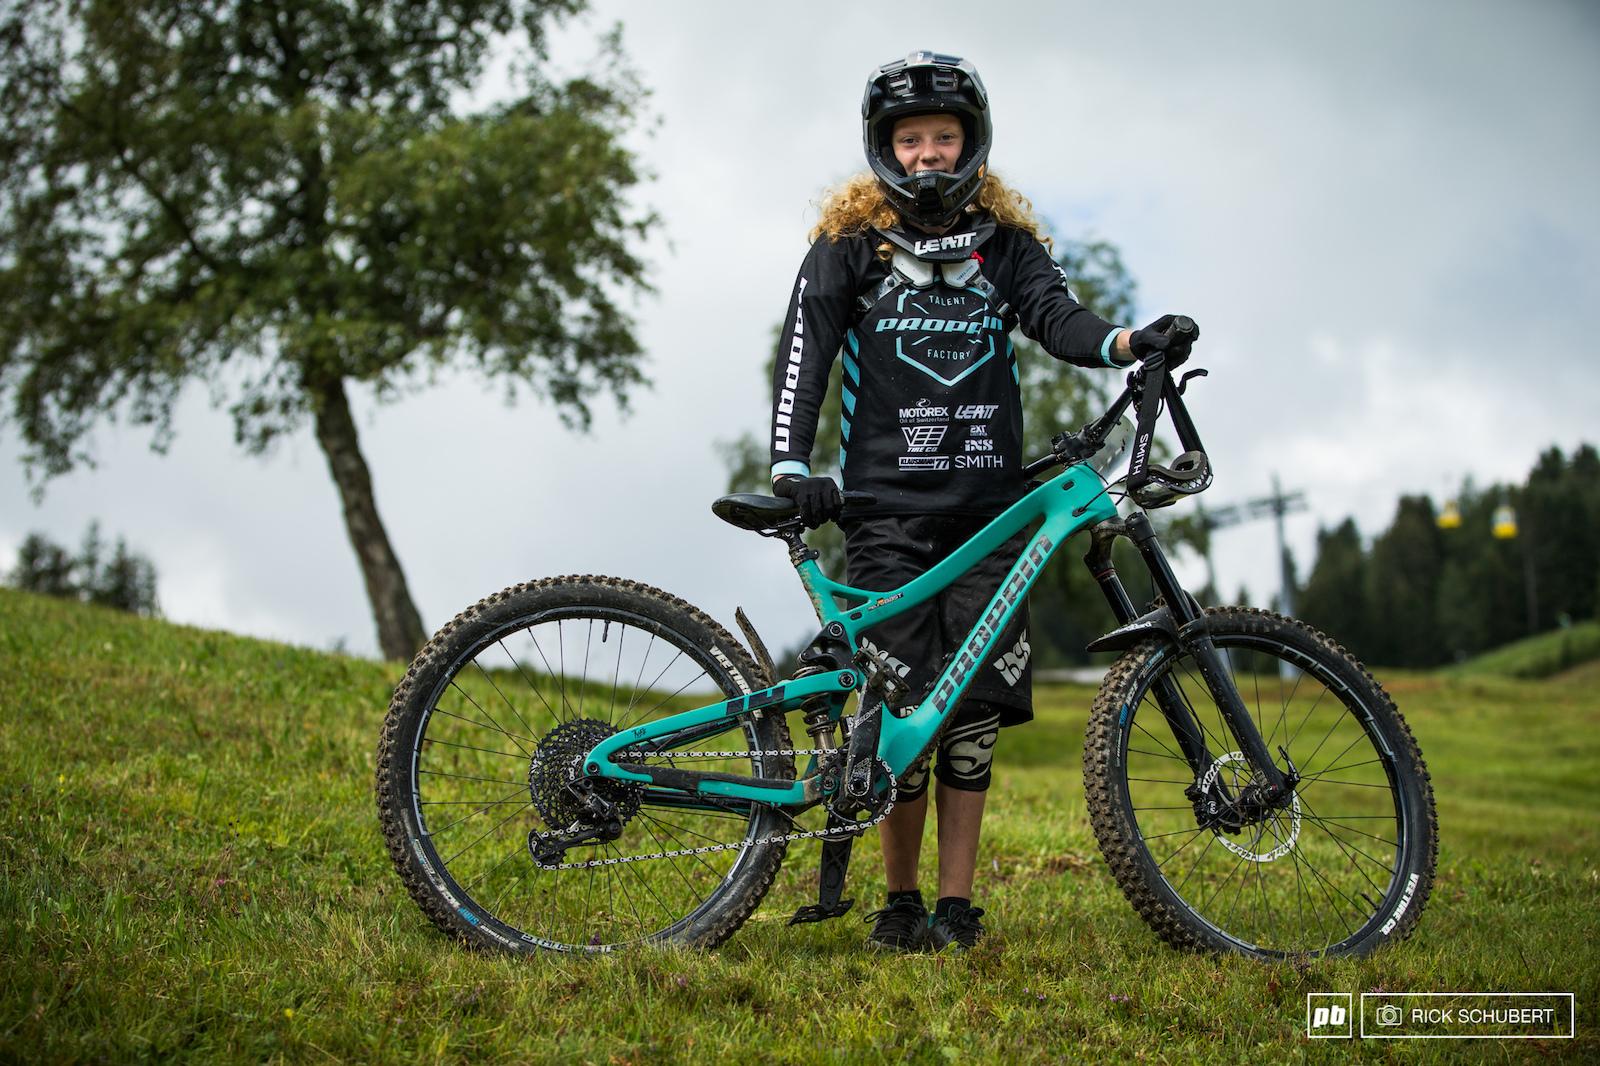 Melina Bast riding the U15 girls